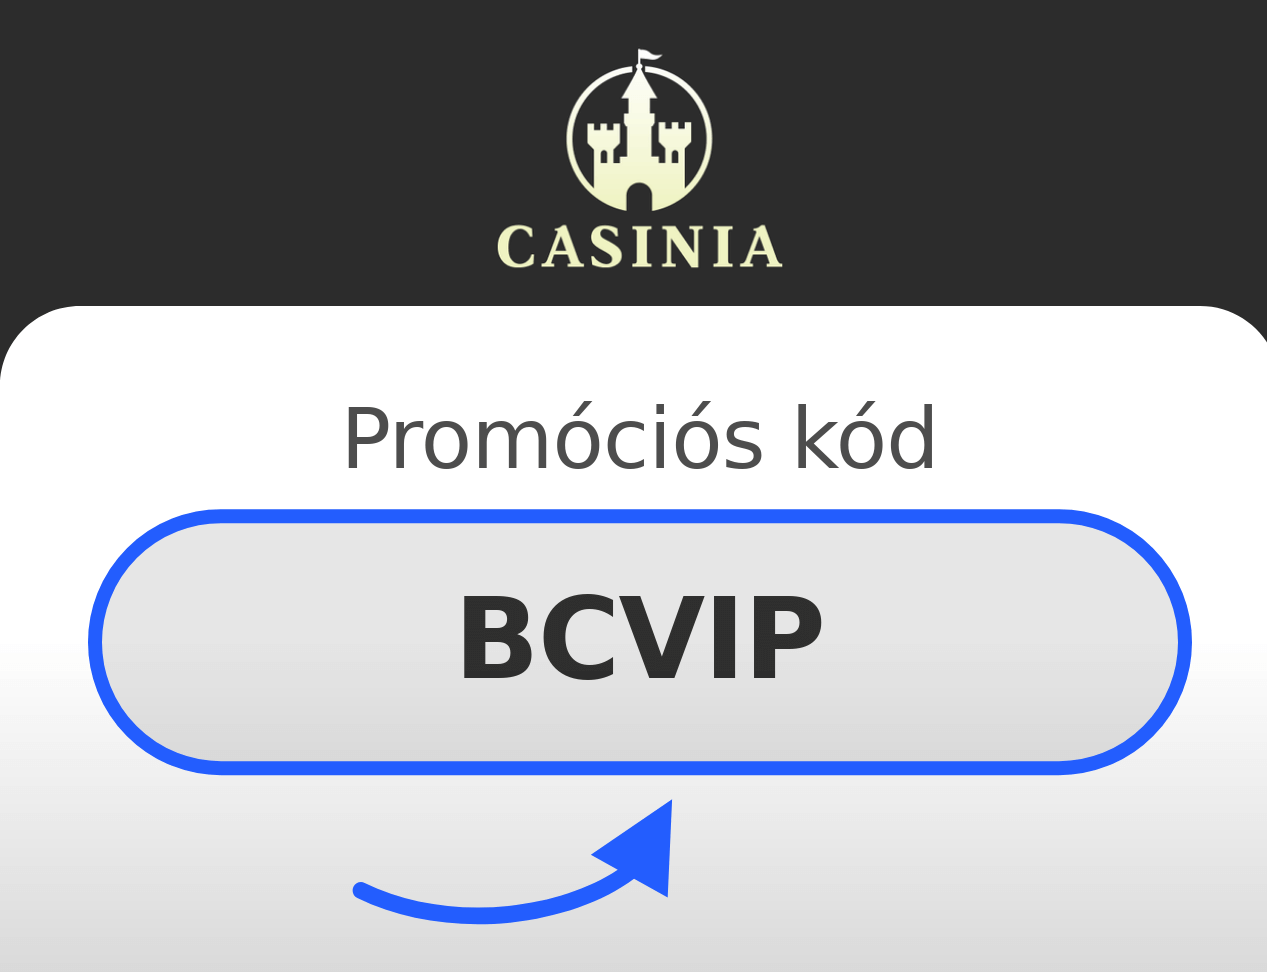 Casinia Casino Promóciós kód